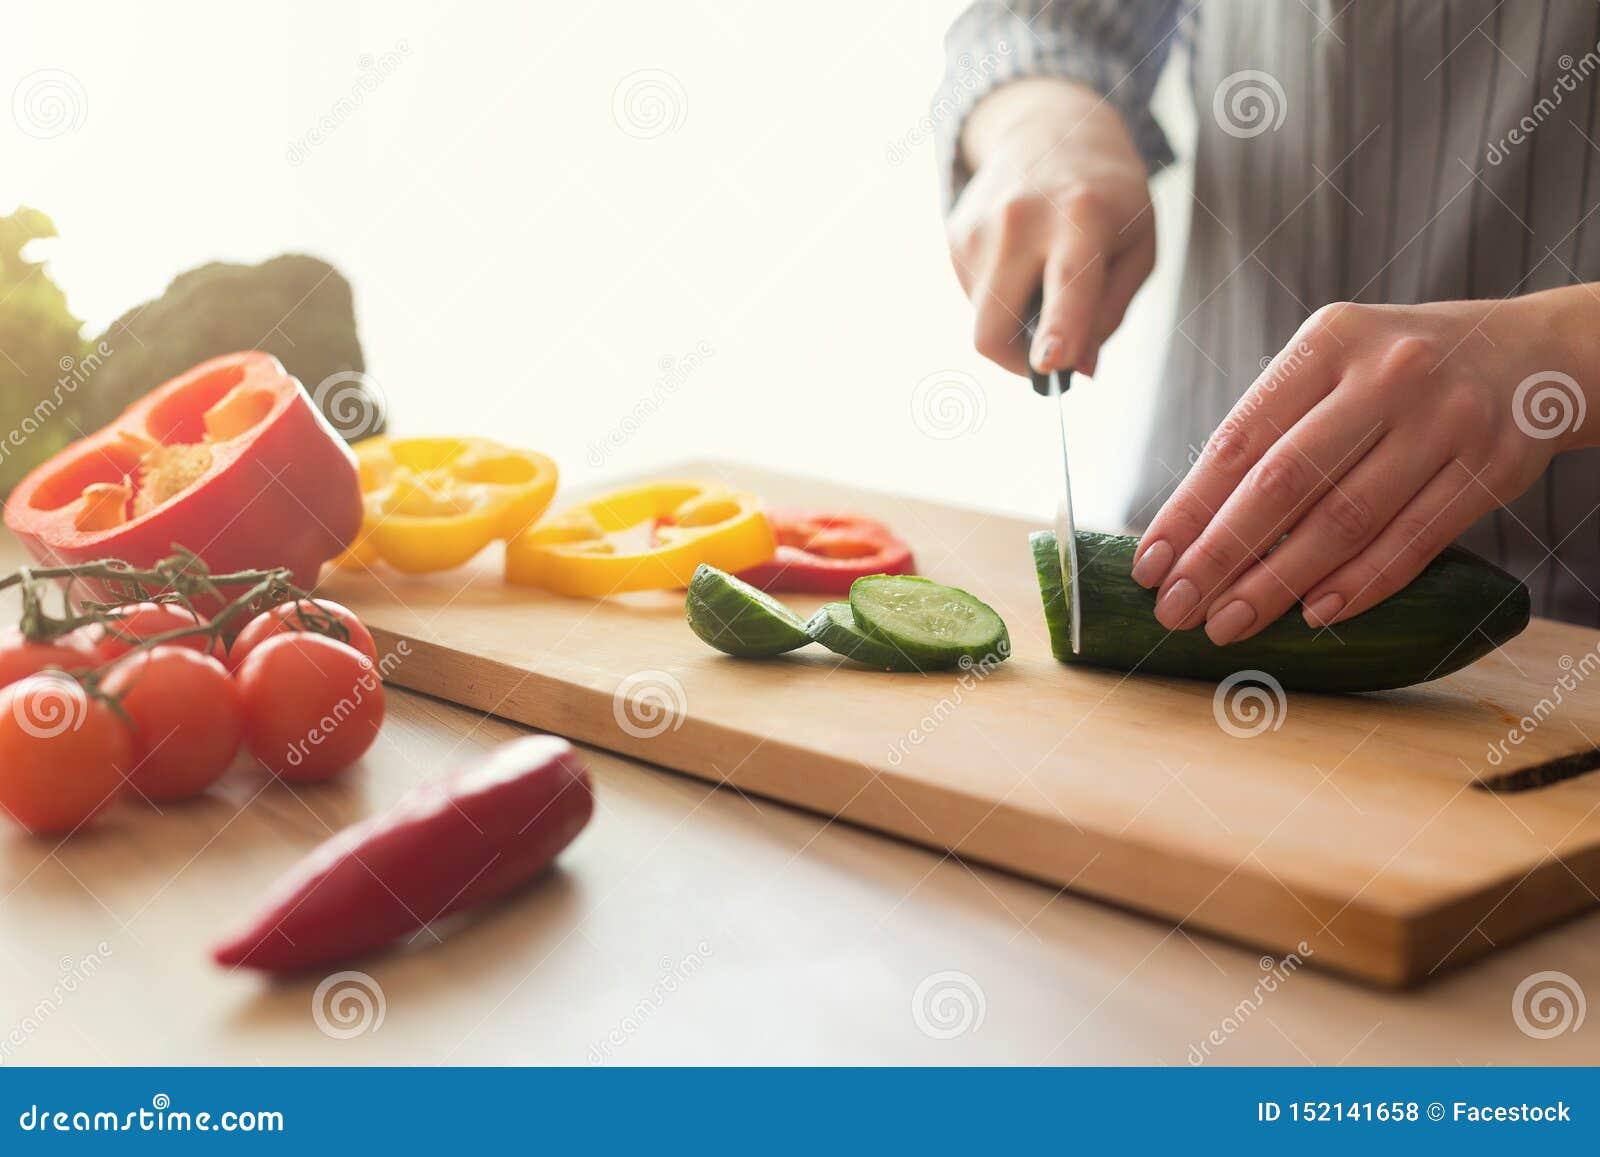 Close-up van vrouwelijke handen die groentensalade in keuken koken